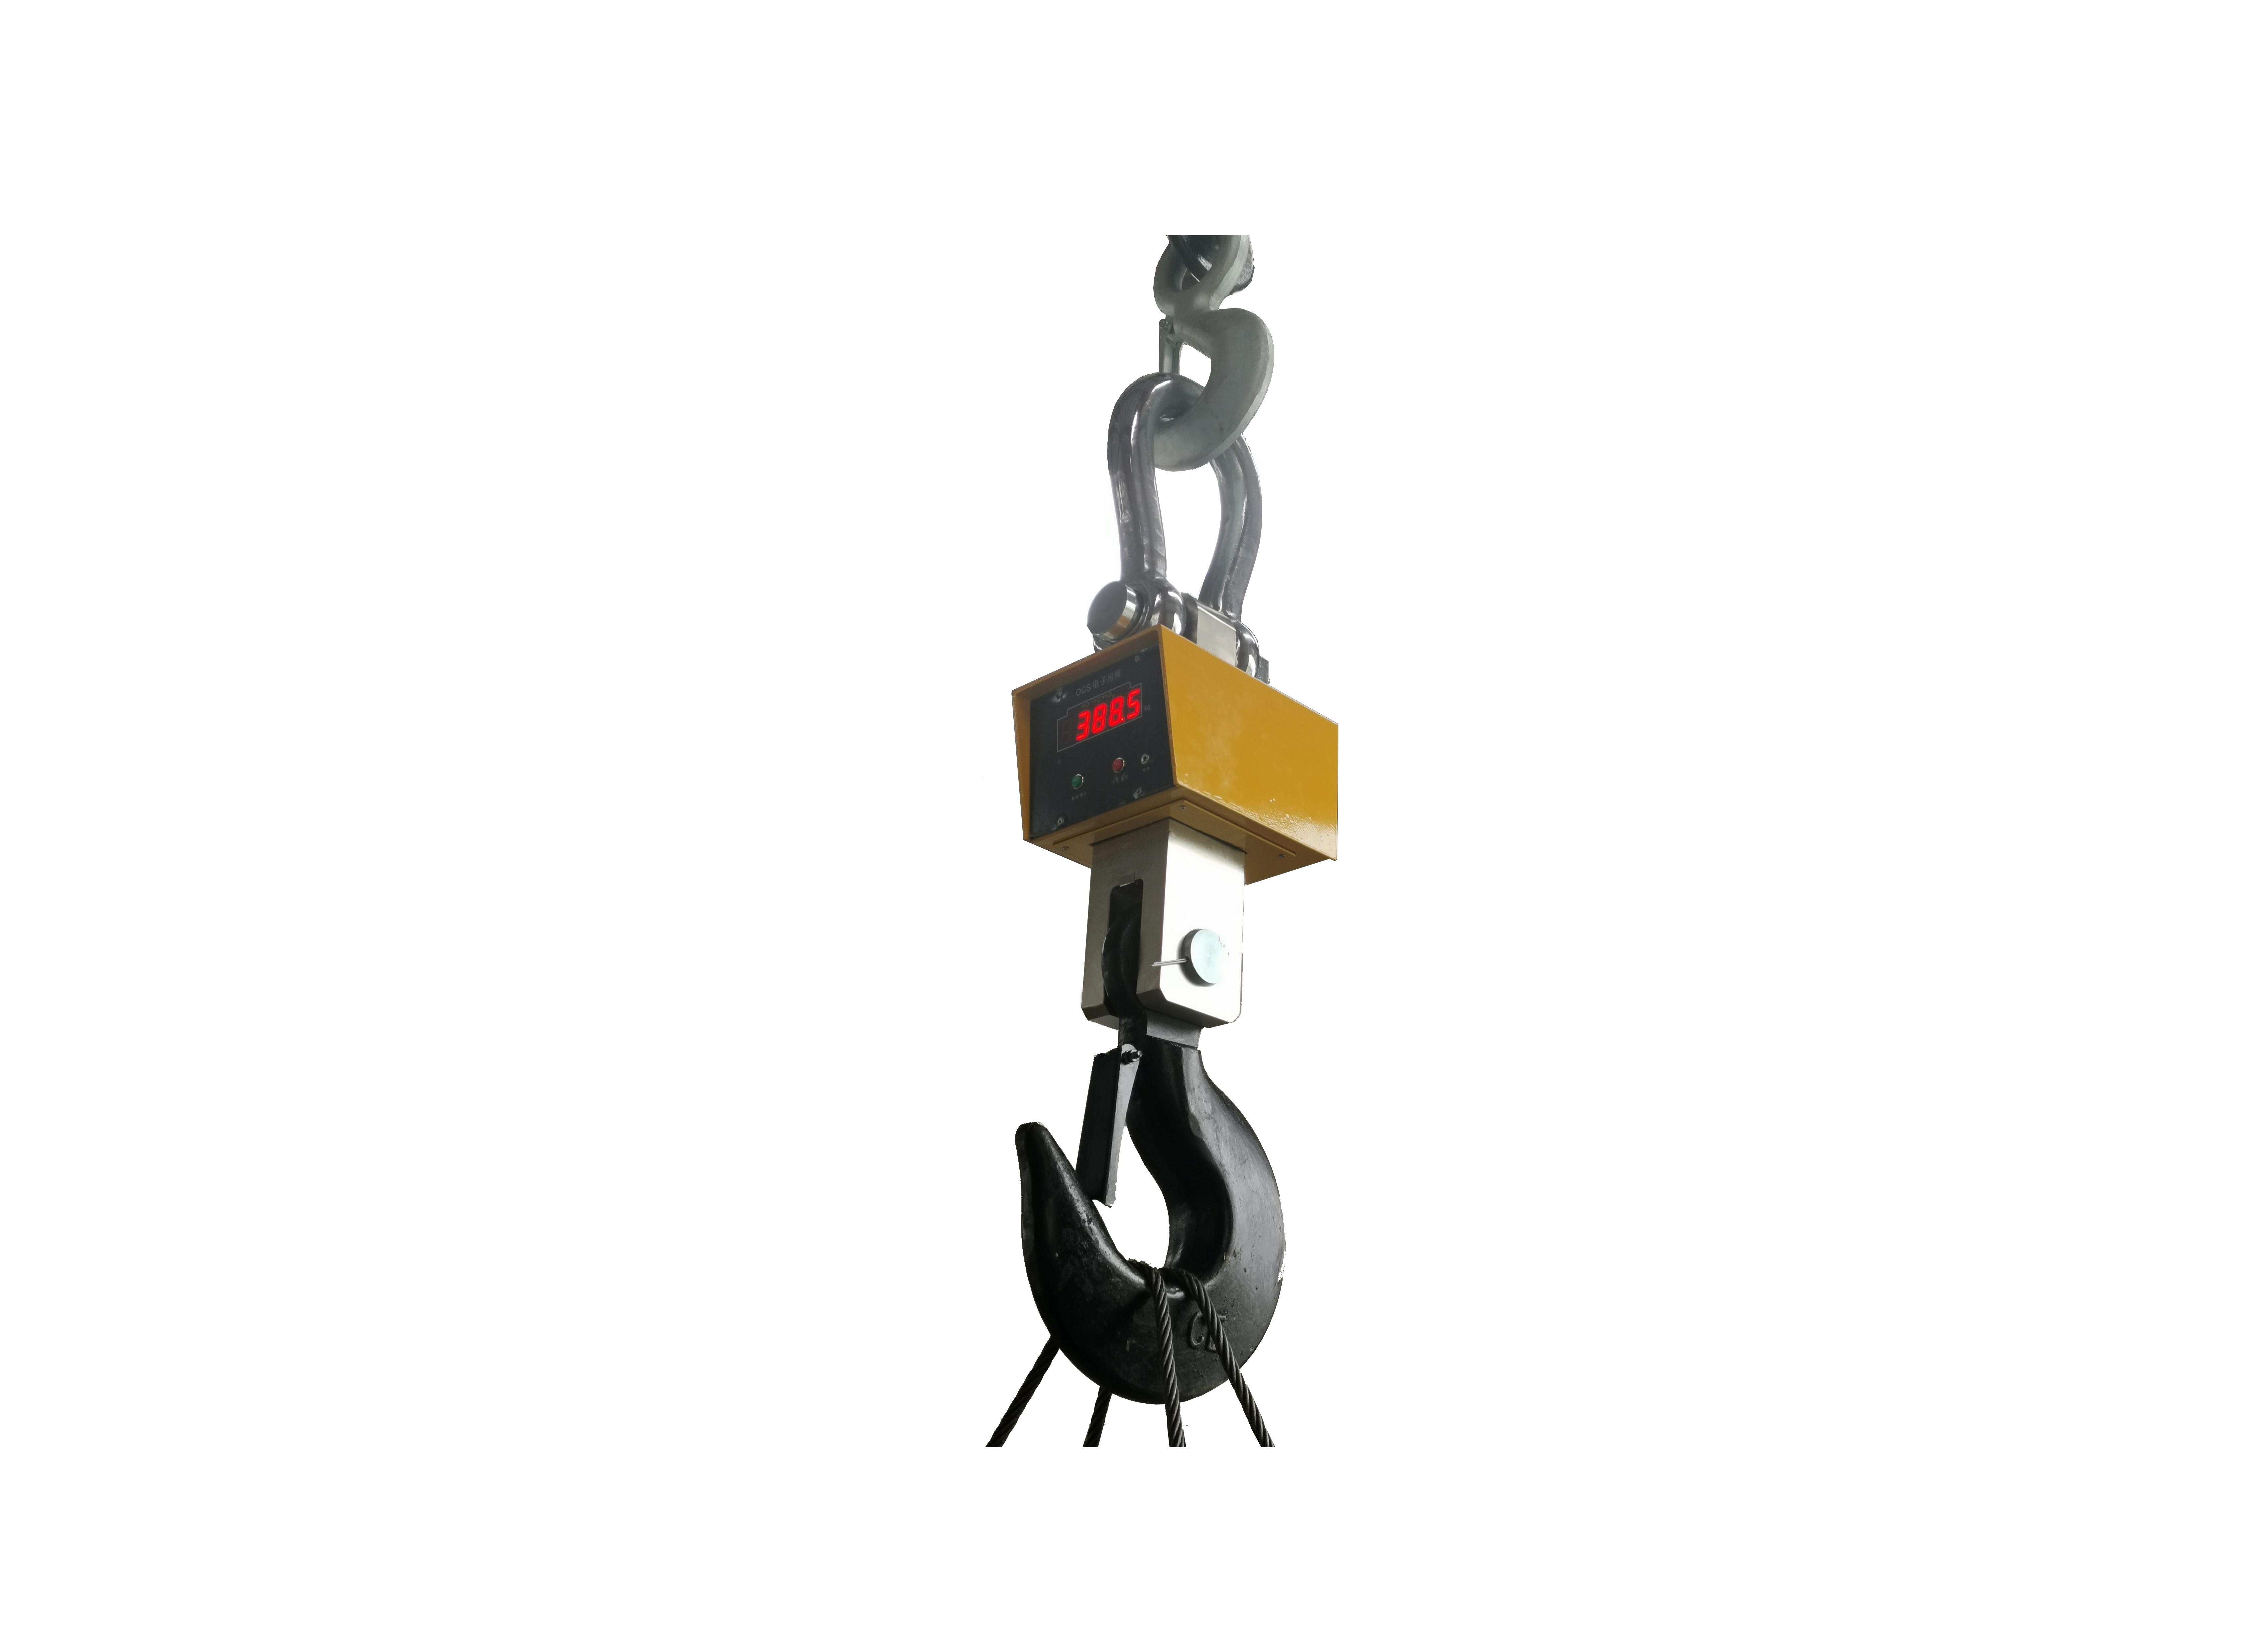 直視吊鉤秤精度高1~30T噸碼頭秤鋼廠港口用掛鉤式無線電子吊秤